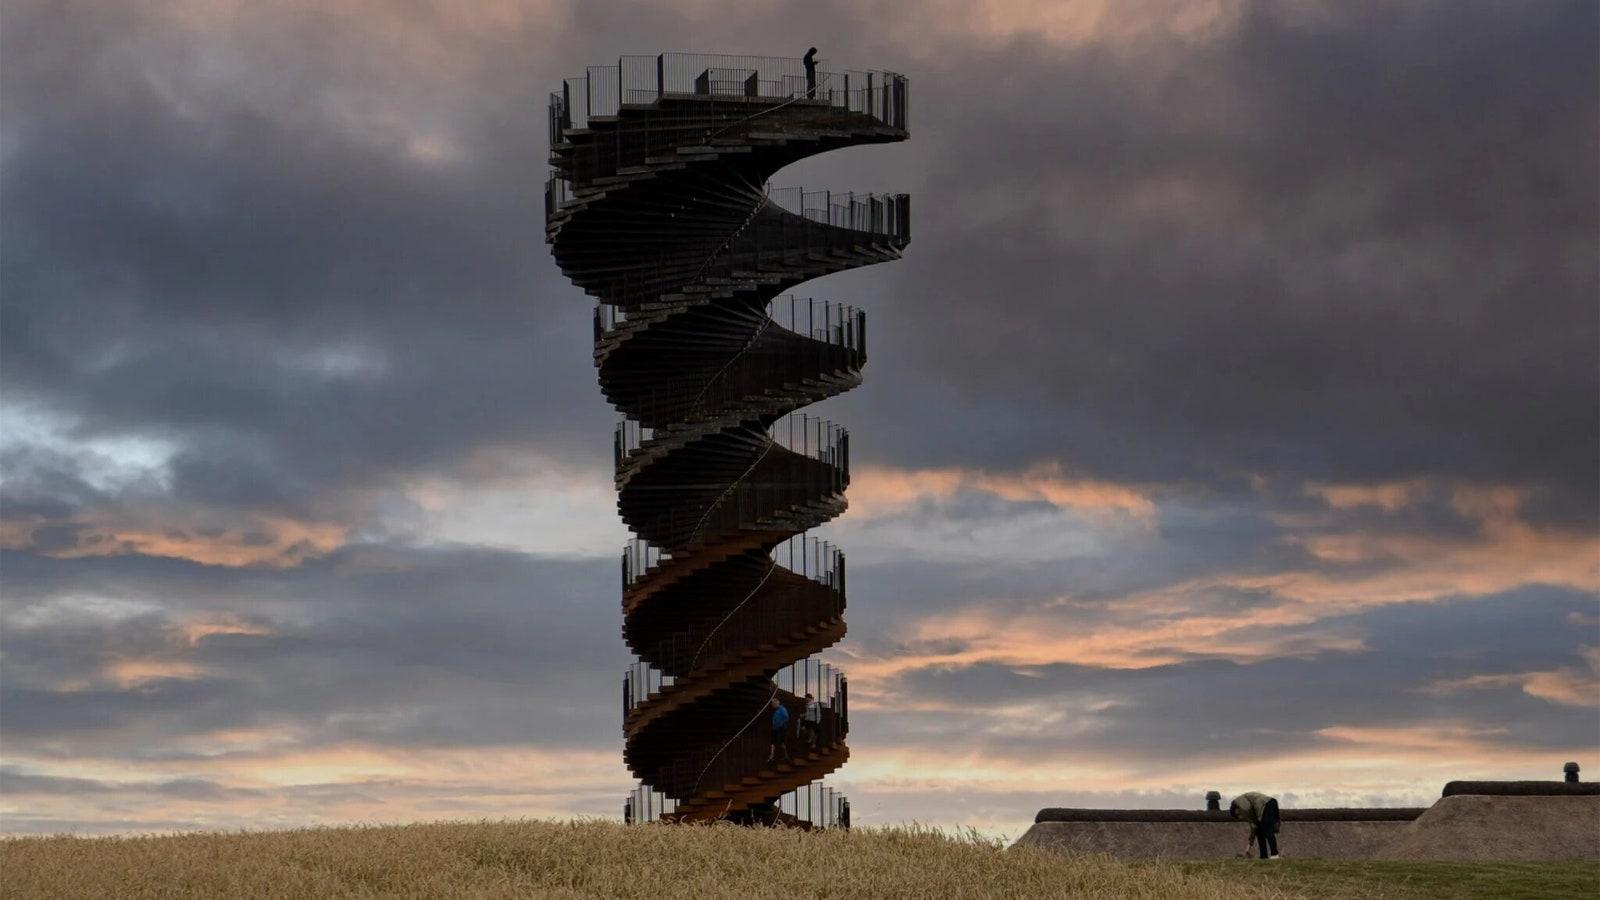 Marsk Tower      BIG